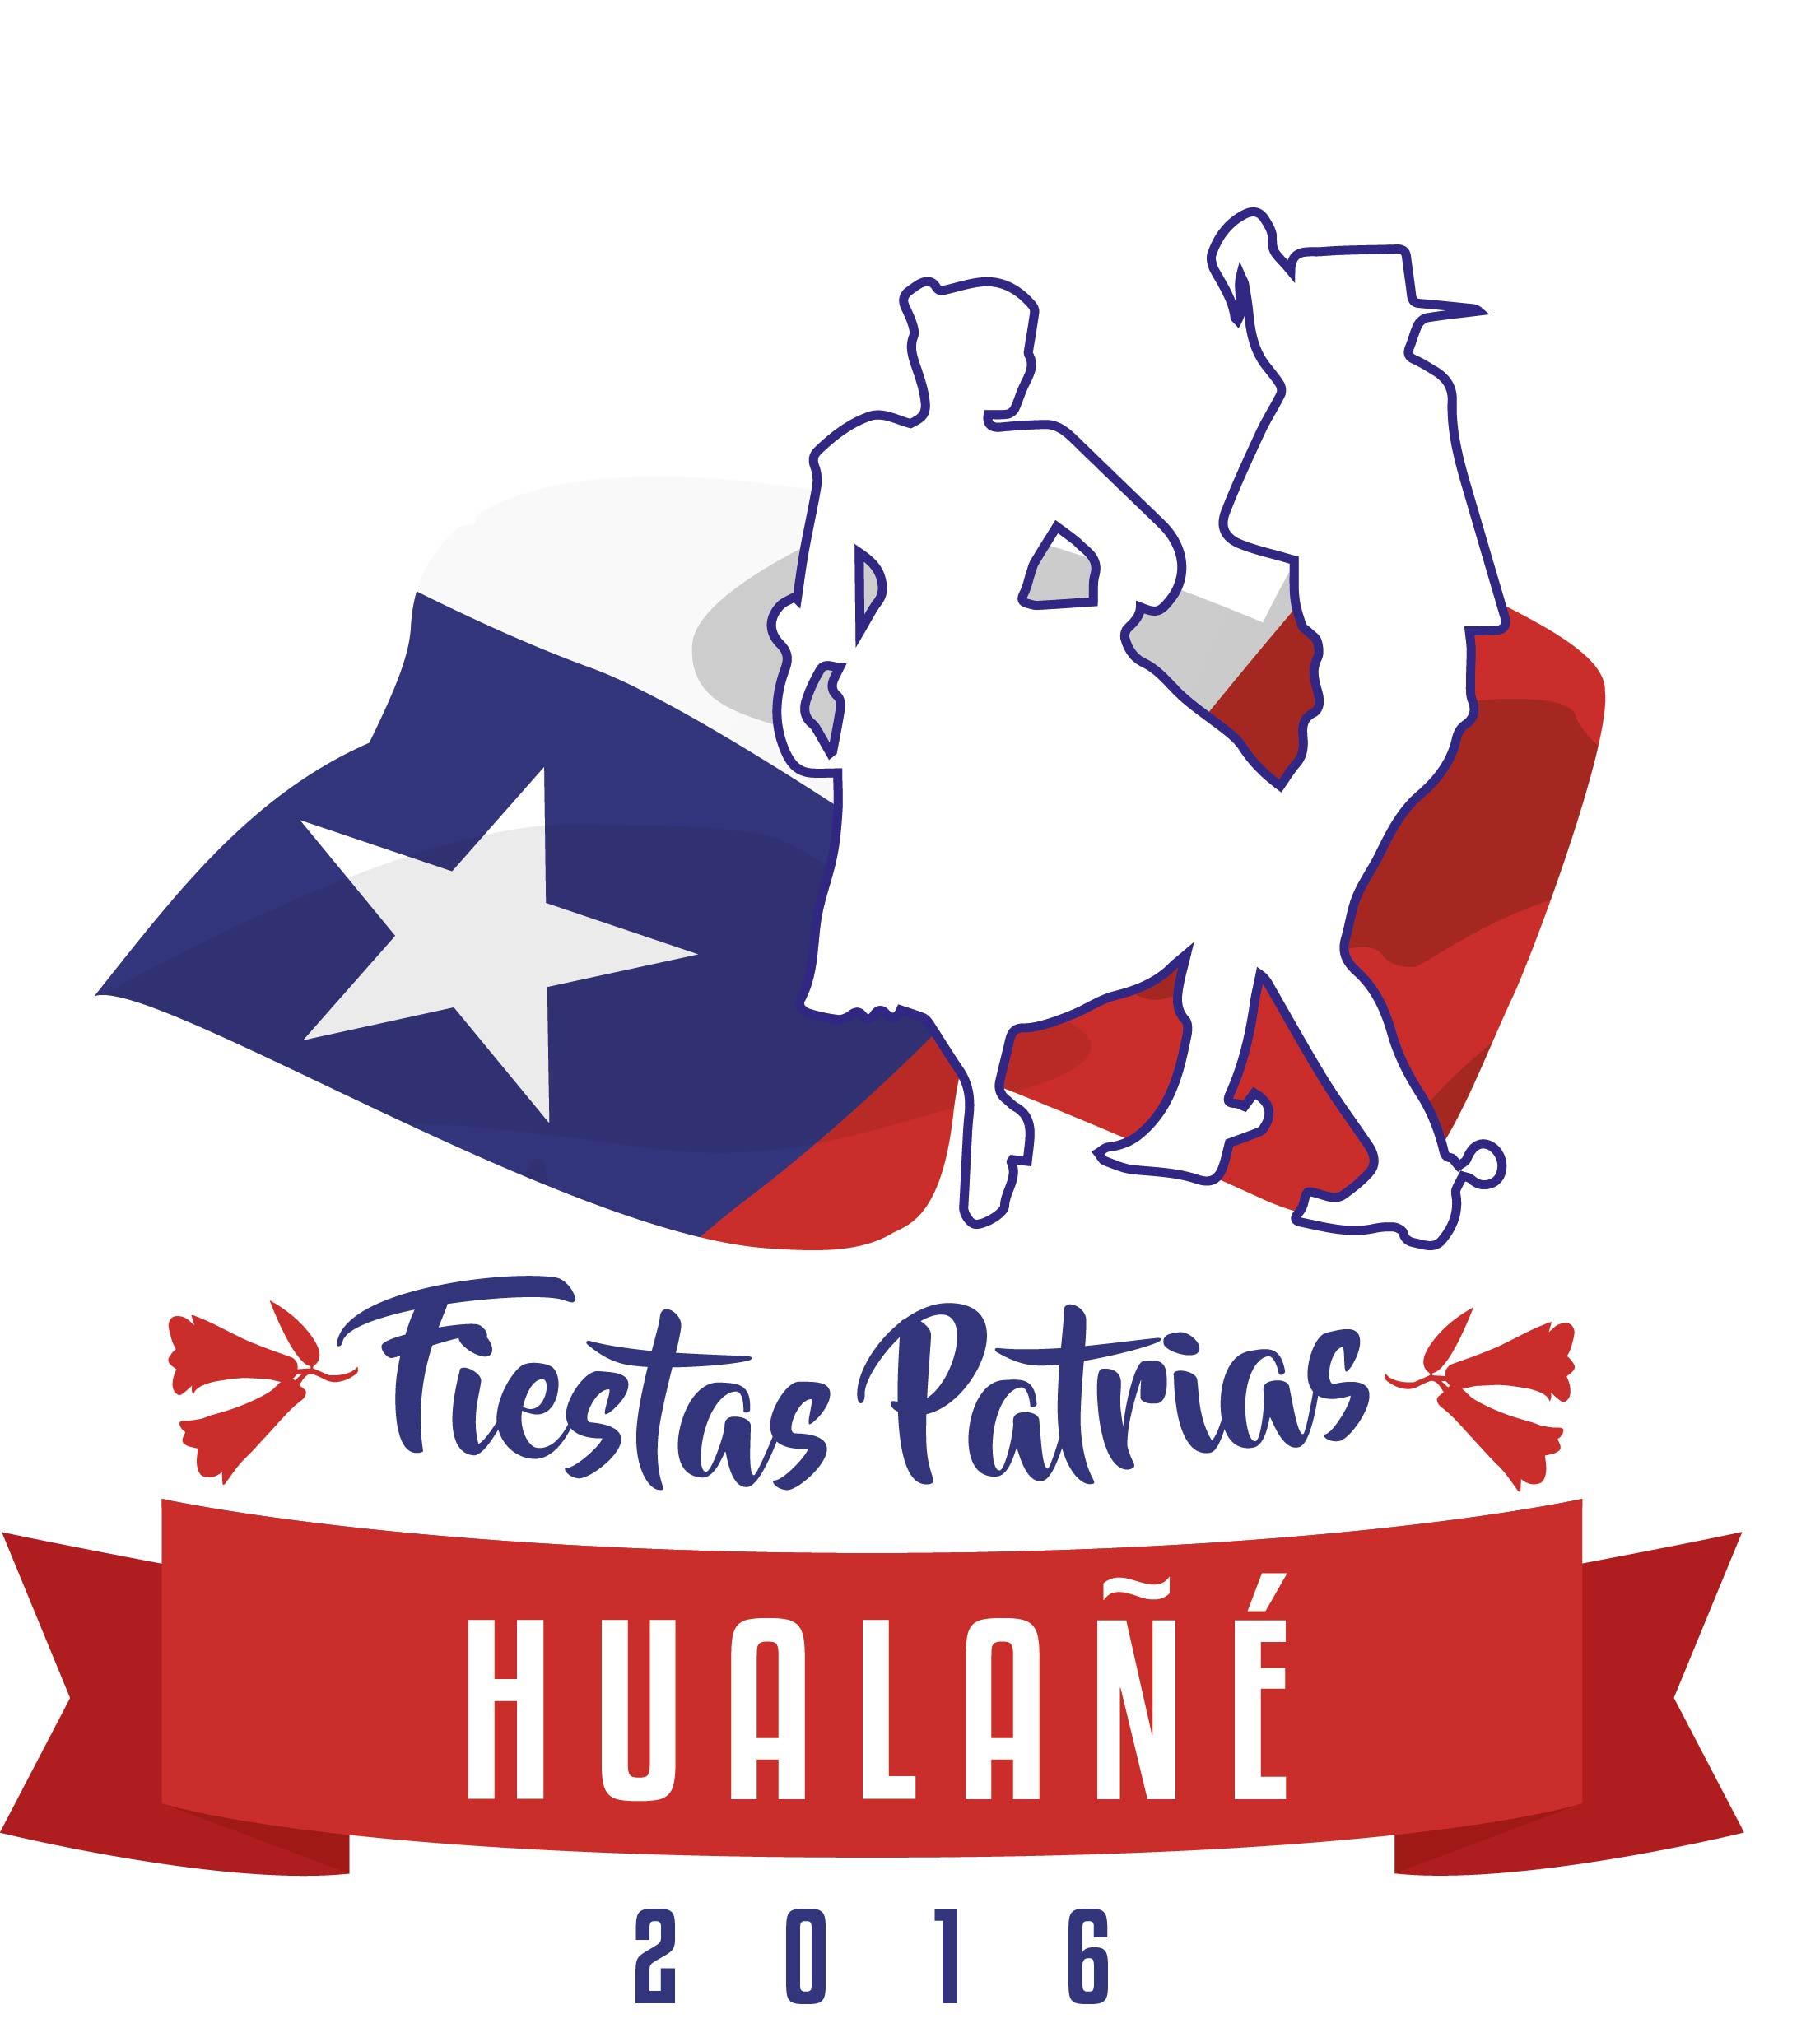 LOGO FIESTAS PATRIAS 2016